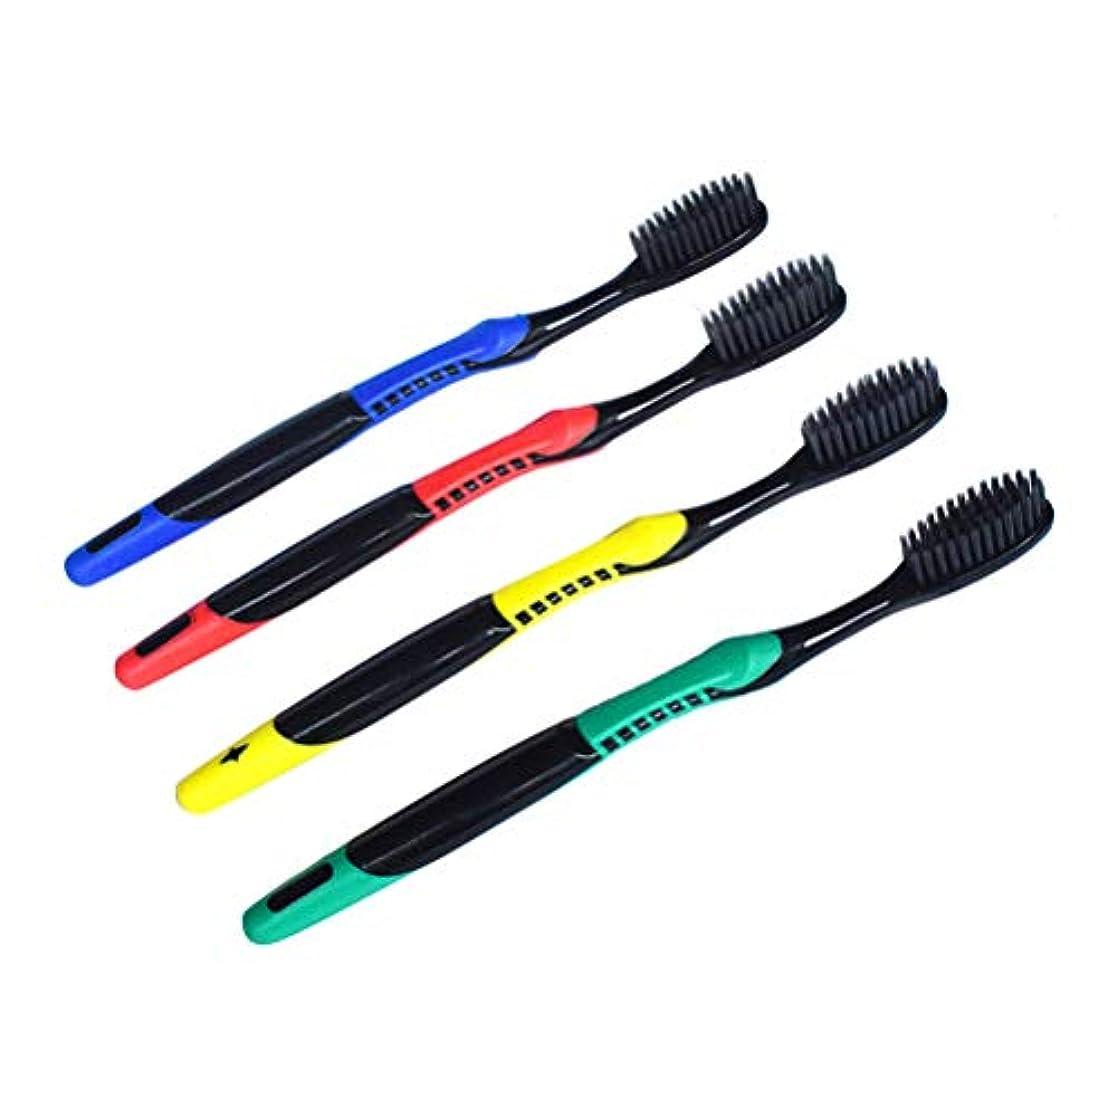 ヨーグルト優れました導体Healifty 家庭用電車旅行用ソフト環境に優しい歯ブラシ8PC竹炭パッパス歯ブラシ(混色)